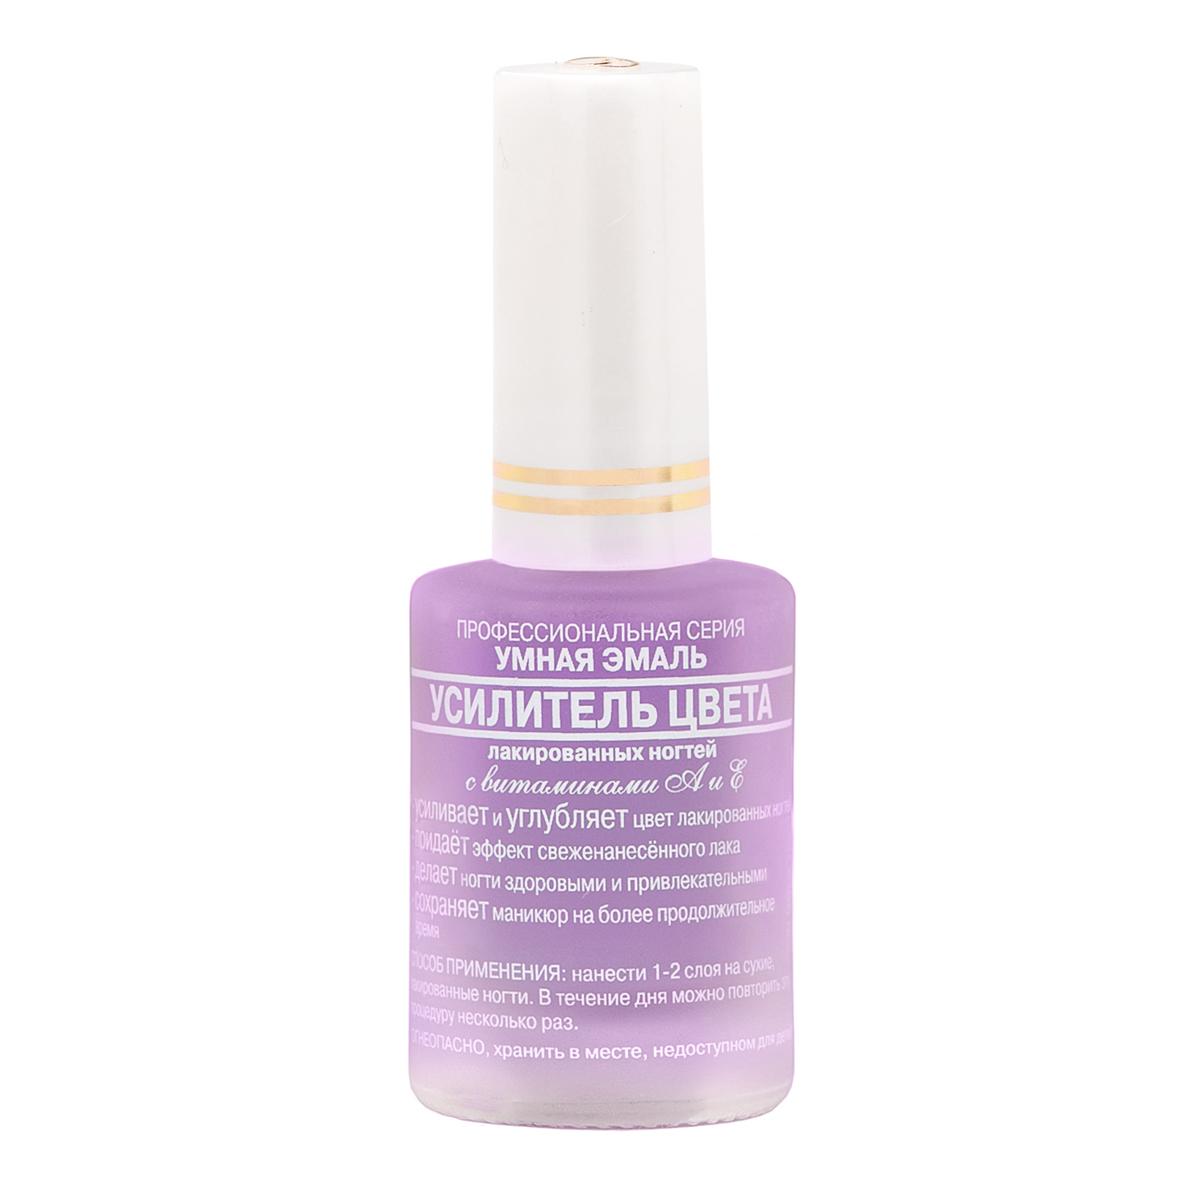 Frenchi Умная Эмаль Усилитель цвета, 11 млSatin Hair 7 BR730MNЭффективное средство для придания яркому, насыщенному лаку на Ваших ногтях более сочного и глубокого цвета. Средство идеально подходит для «реанимации» потускневшего маникюра. Входящие в состав витамины А и Е сделают ногтевую пластину более упругой, эластичной, крепкой и красивой. «Усилитель цвета» надежно защитит Ваш маникюр от сколов и сделает его более прочным и стойким, при этом цвет лака становится более контрастным и свежим.